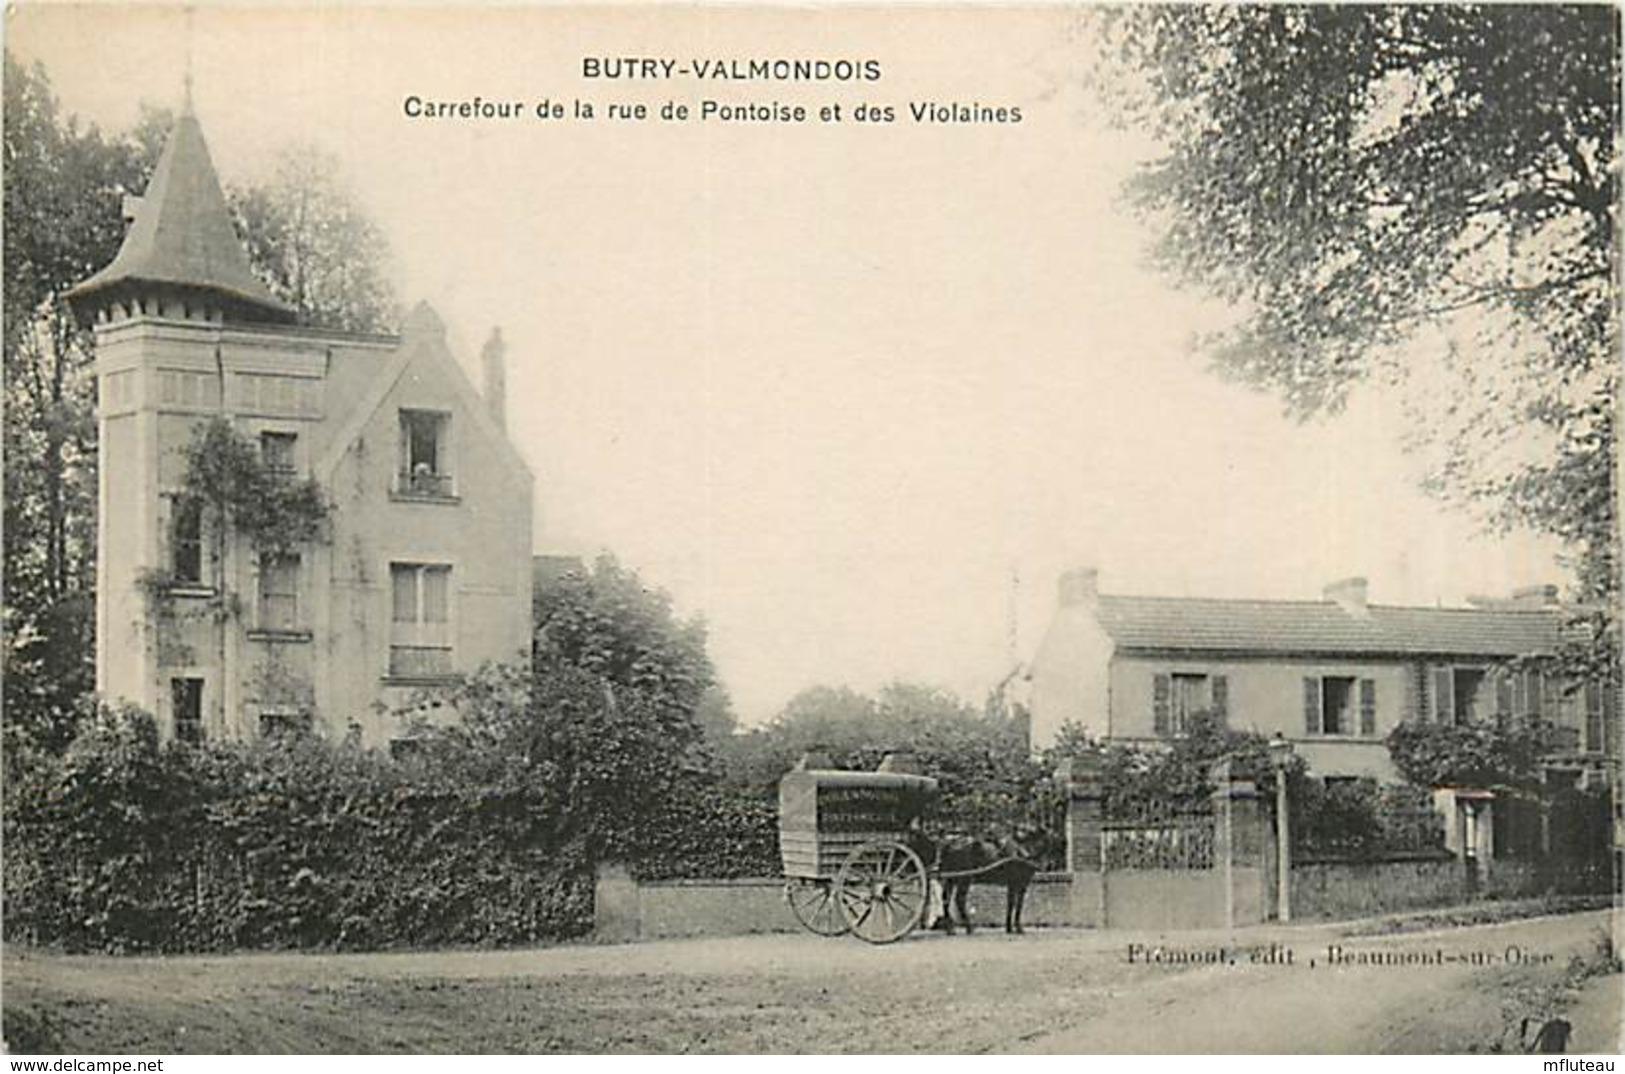 95* BUTRY  VALMONDOIS  Rue De Pontoise Et Ds Voisines   MA98,0803 - France